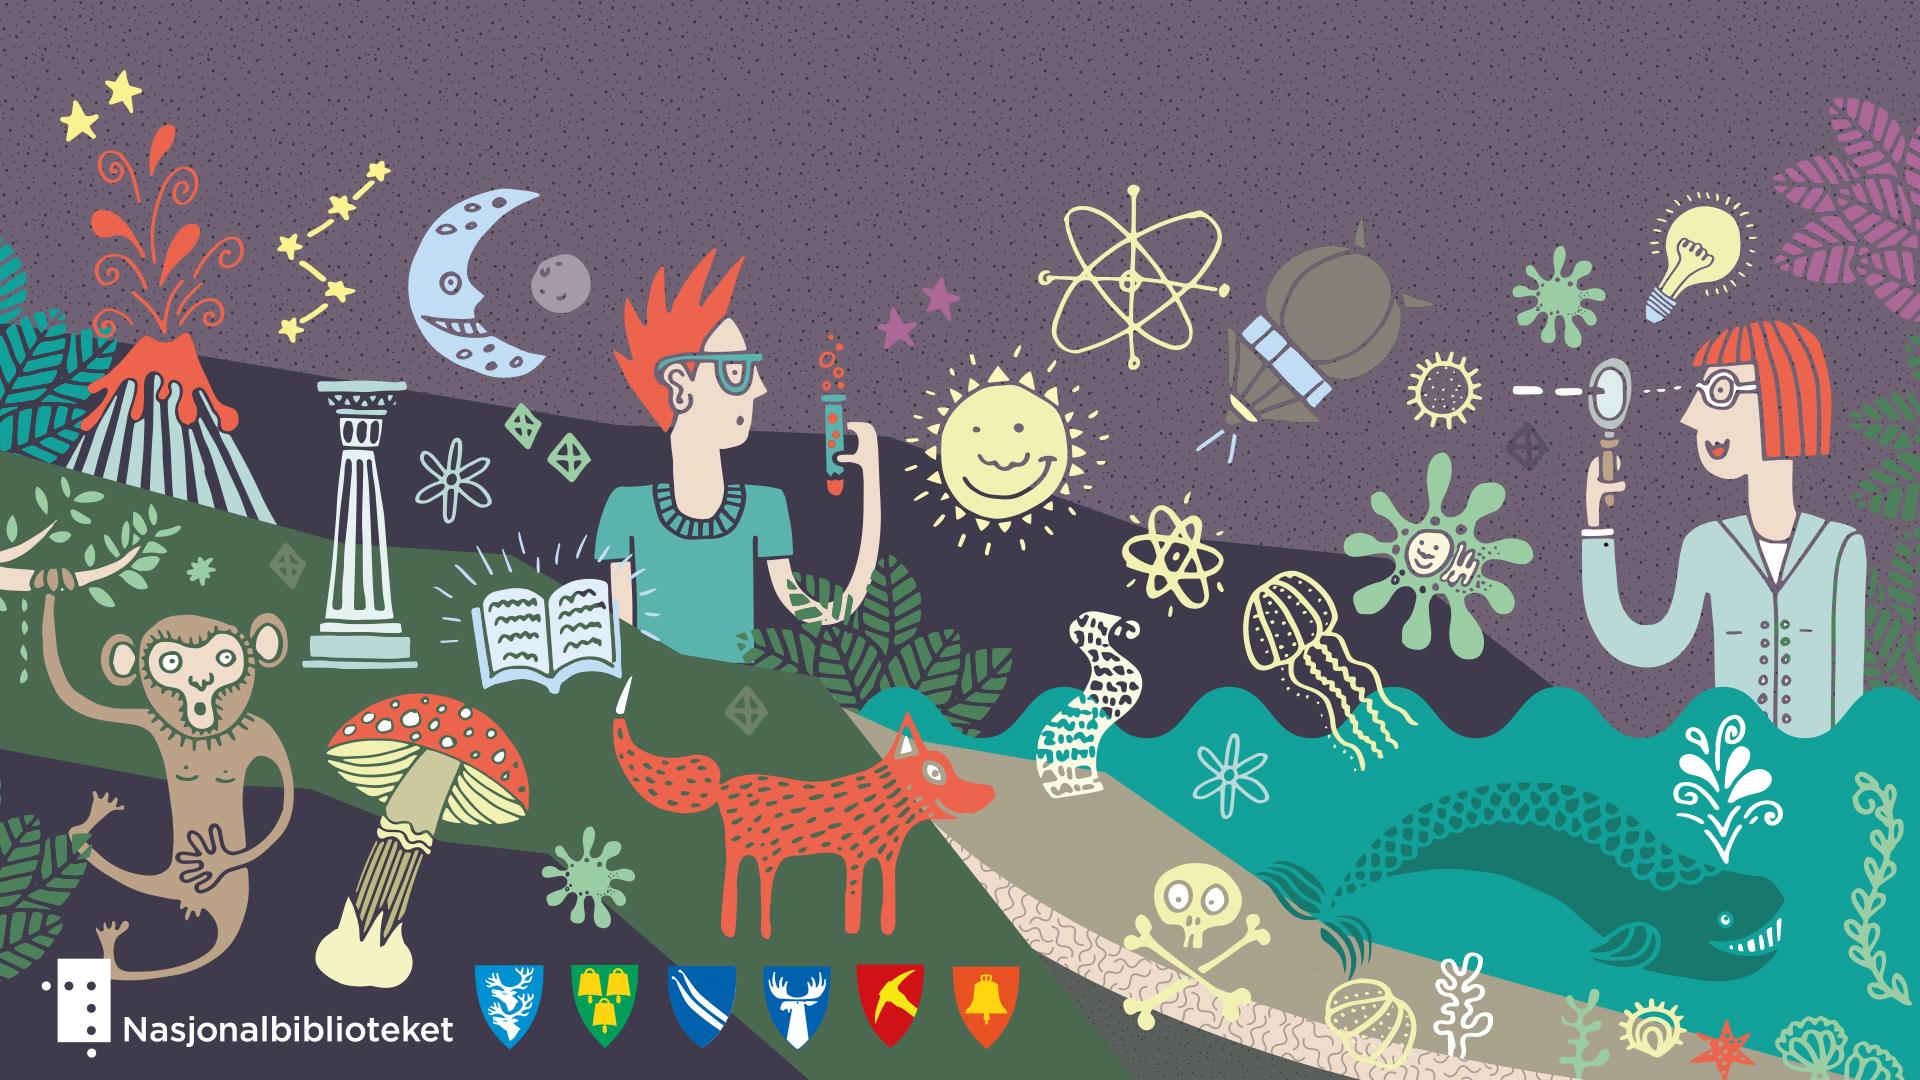 Illustrasjon for jegerysgjerrig.no, av Haus Byrå